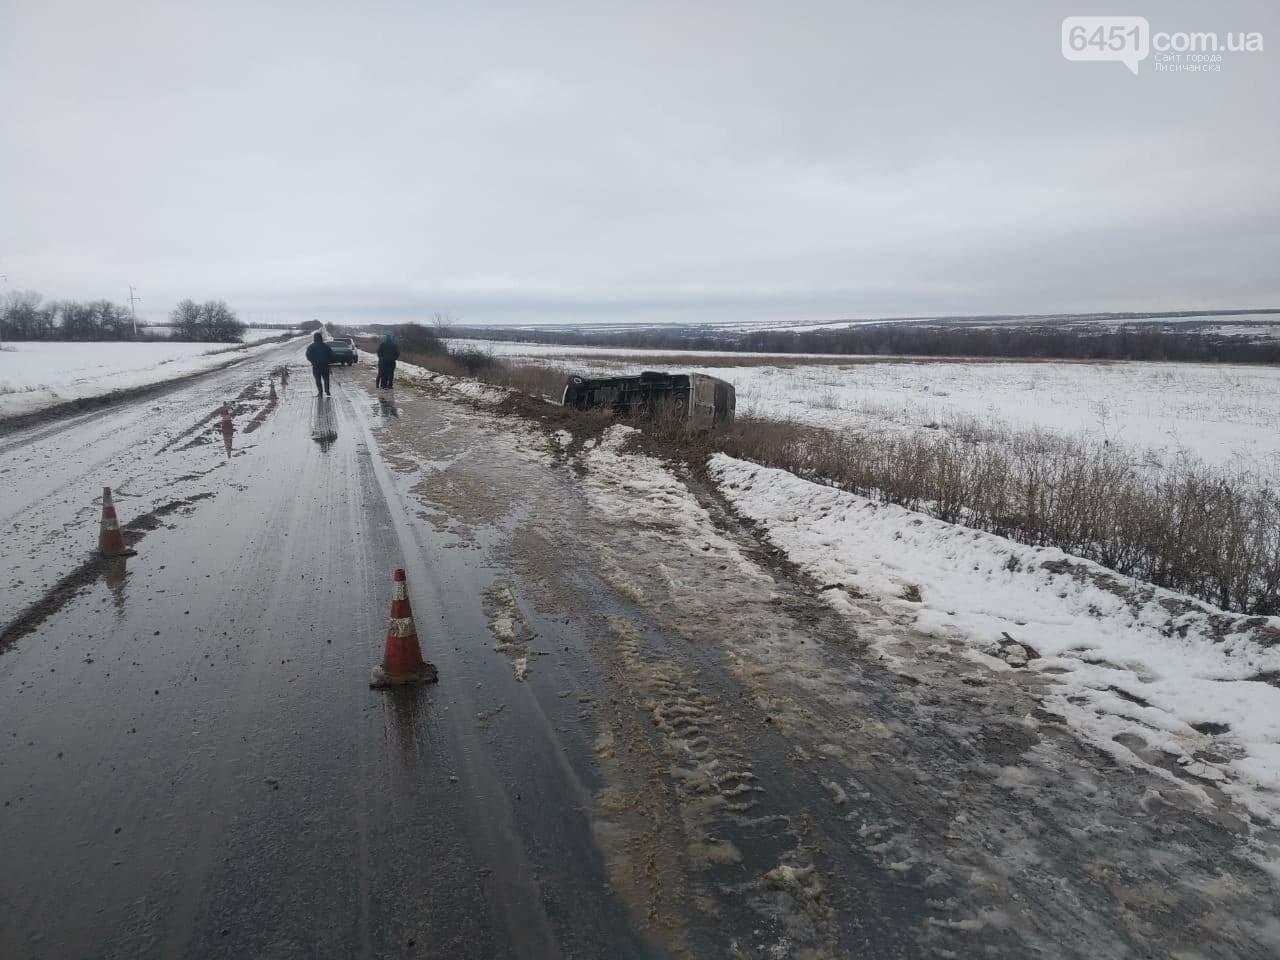 ДТП на Луганщине: пострадали 6 человек, фото-1, Полиция Луганской области